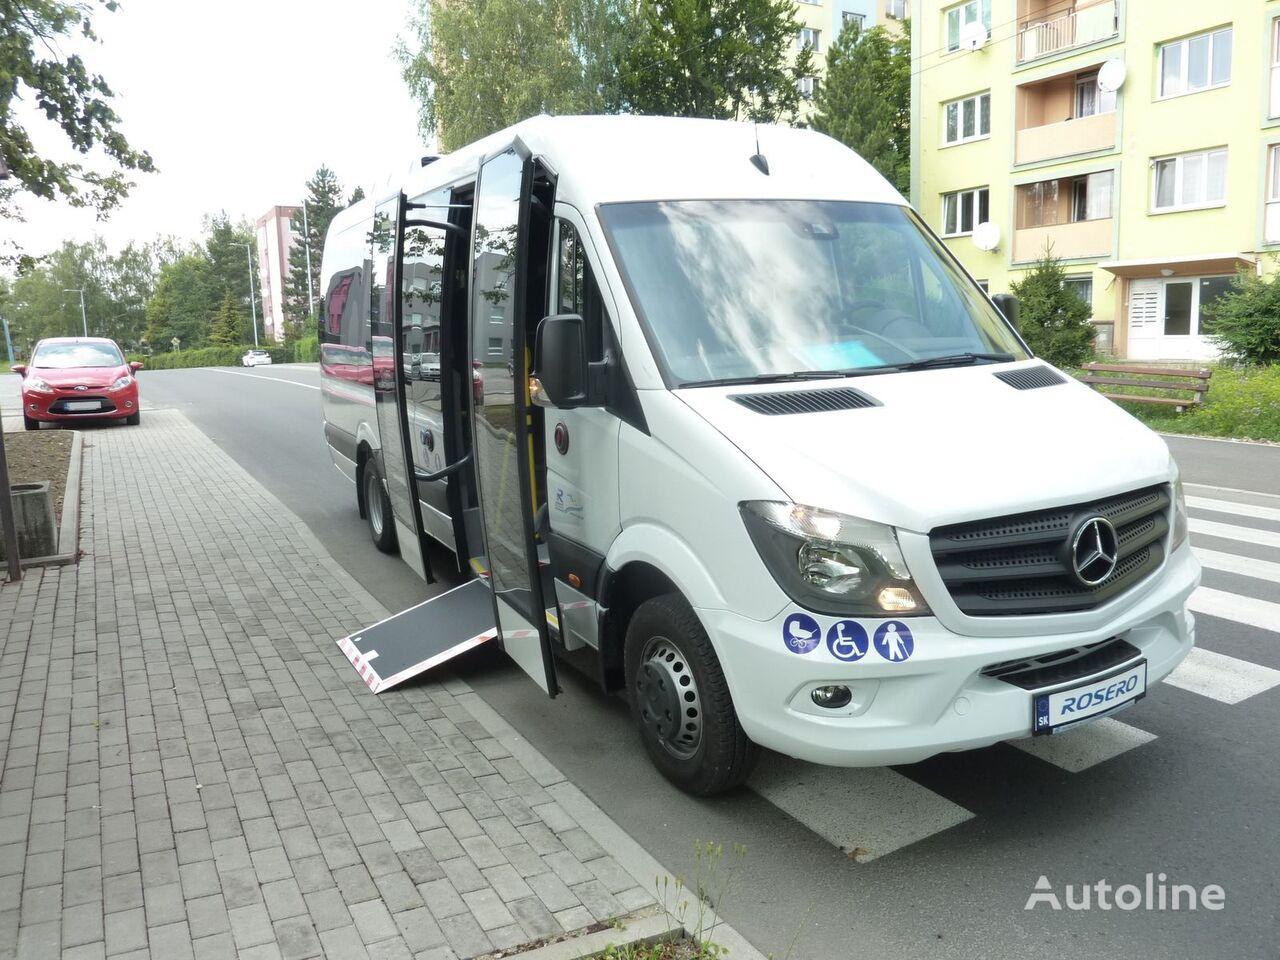 jauns MERCEDES-BENZ Sprinter 516 CDI pilsētas autobuss